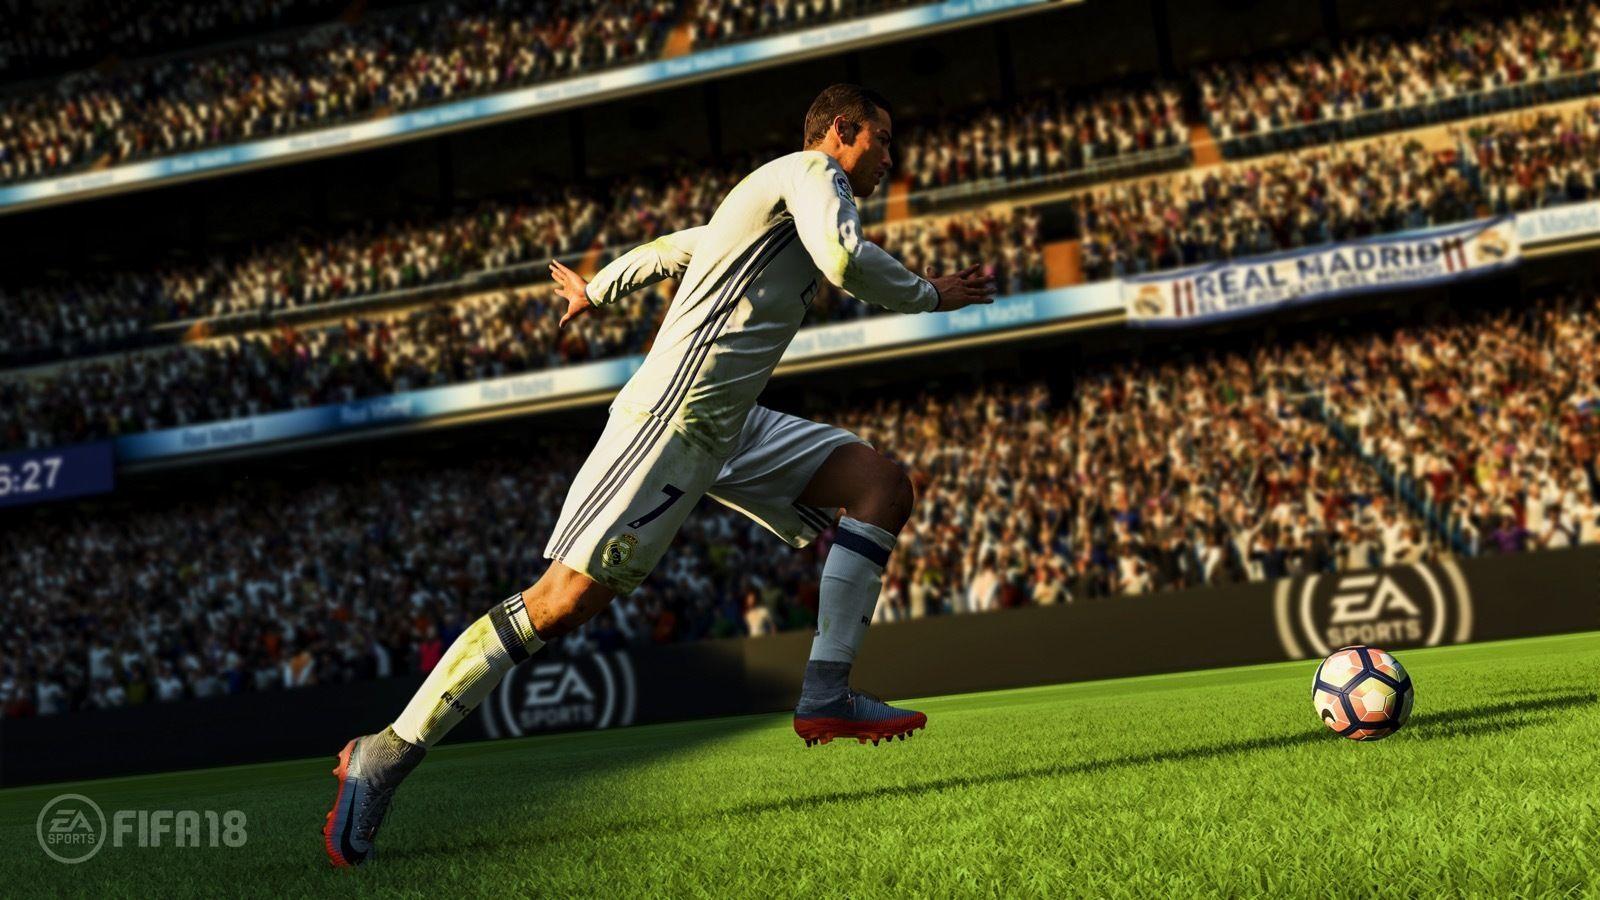 Trabaja como gamer: aquí te pagan por enseñar a otros a jugar al FIFA 18 o al Call of Duty